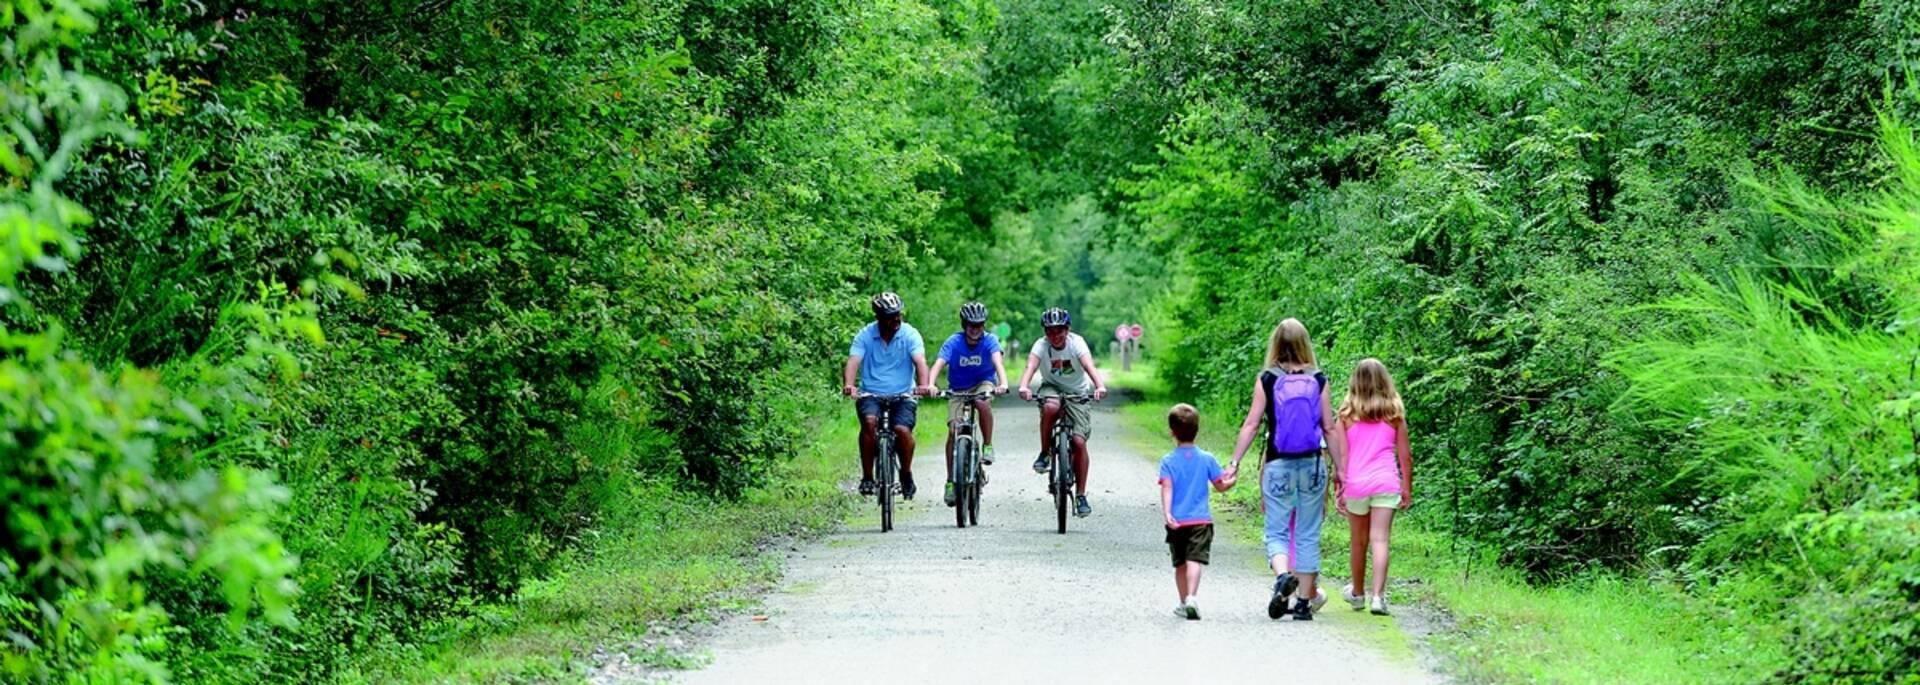 Randonnée en famille sur la voie verte en Bocage Bressuirais